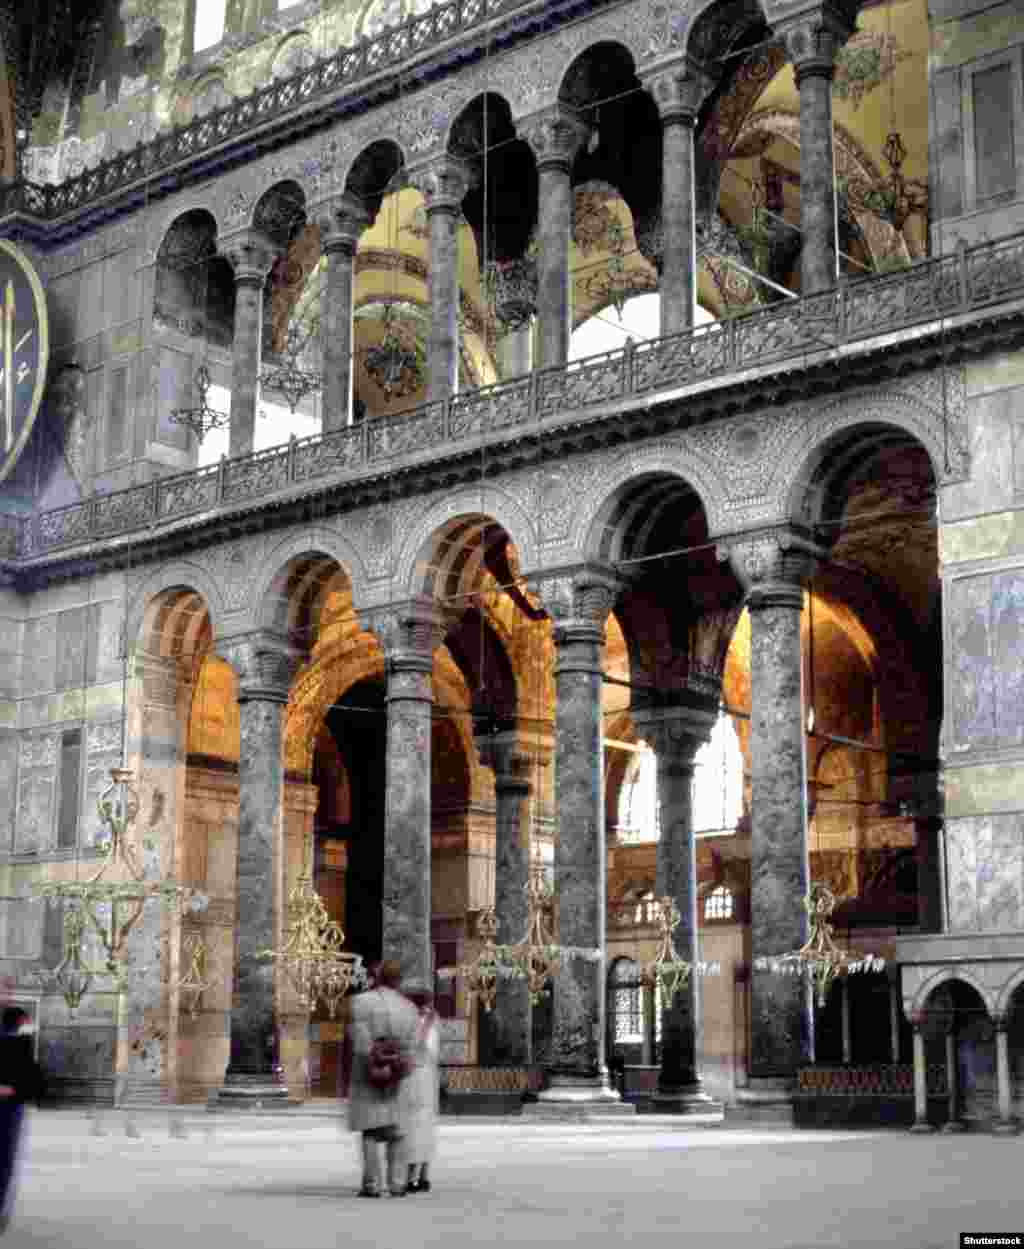 Усередині Святої Софії. За даними нещодавнього опитування, повернення собору статусу мечеті підтримало 73% турків